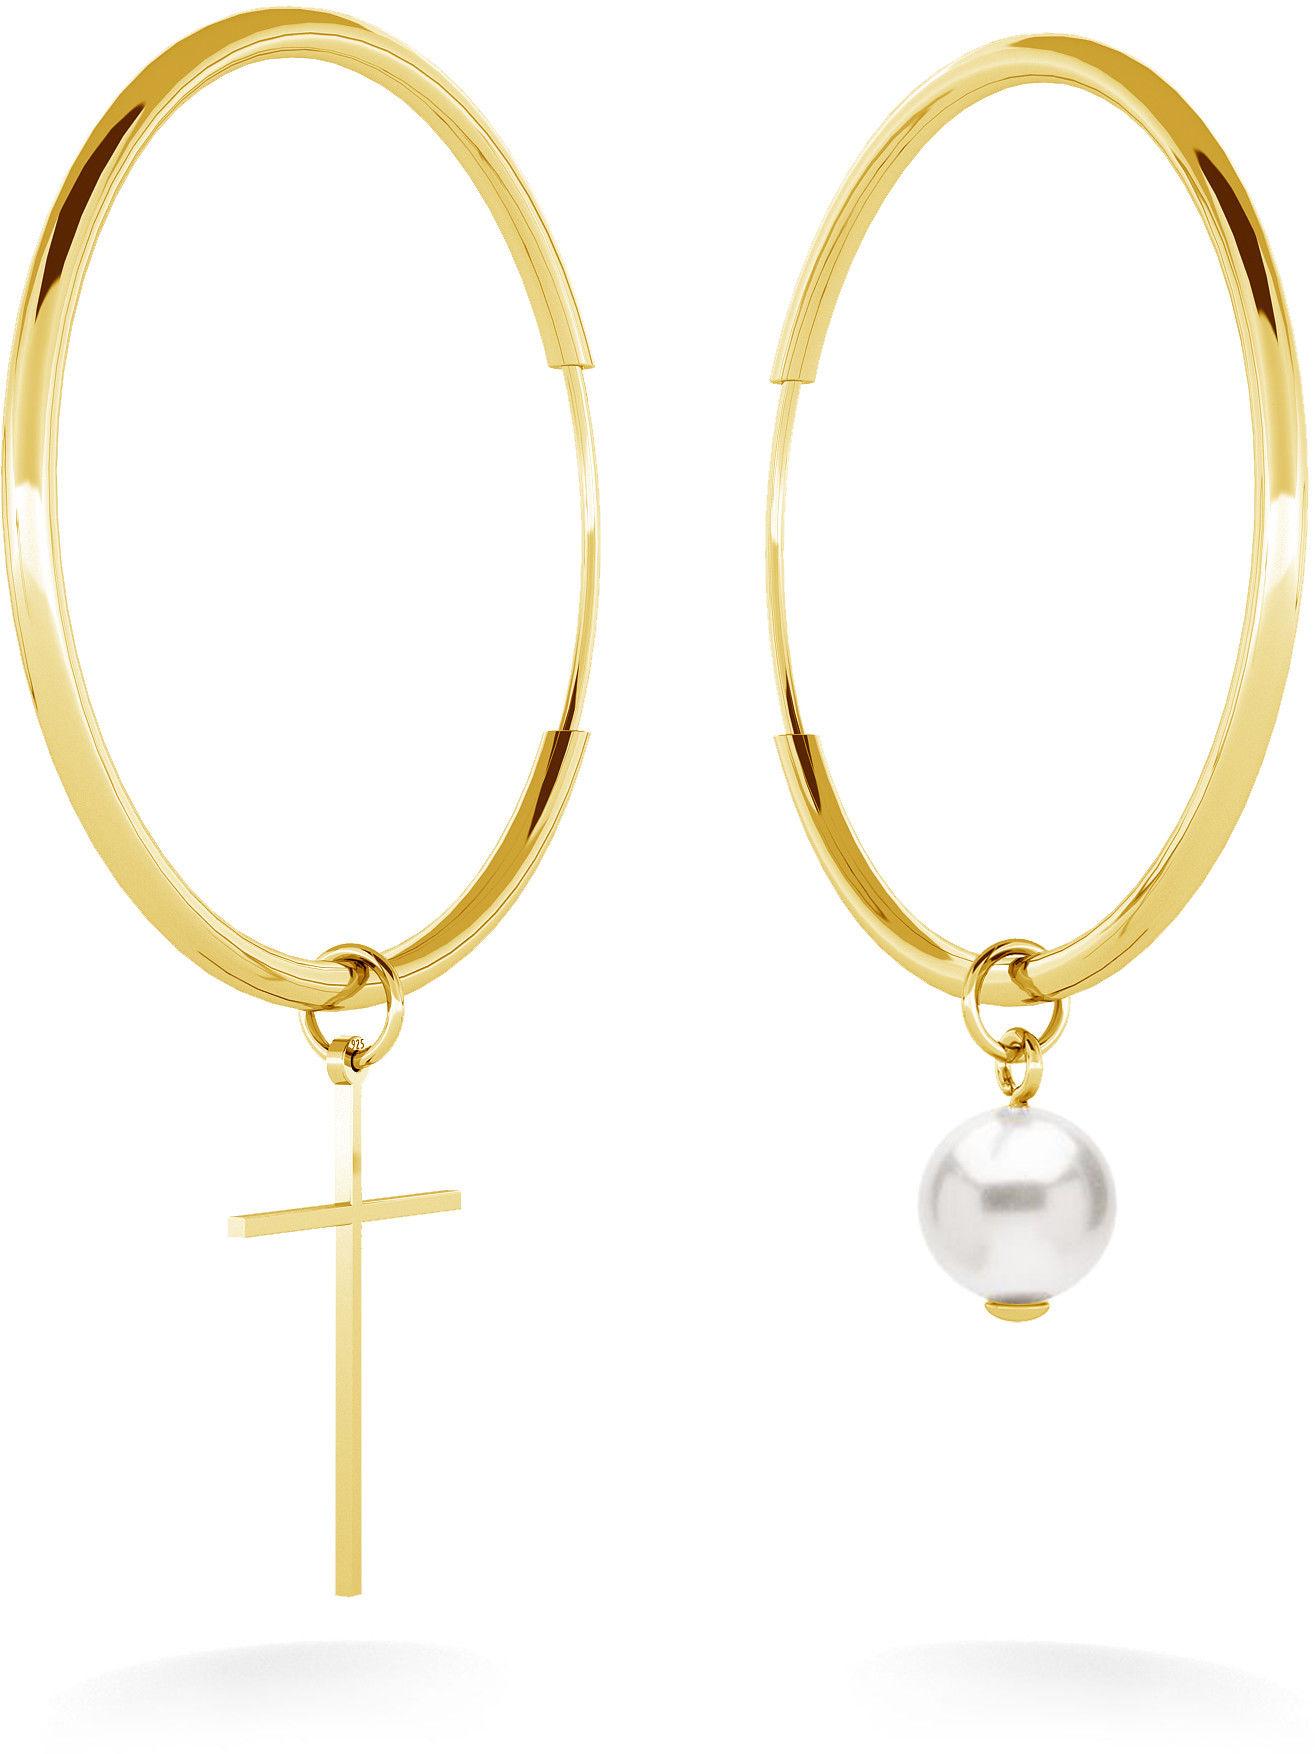 Asymetryczne kolczyki koła 4 cm z białą perłą Swarovski i krzyżykiem, srebro 925 : Srebro - kolor pokrycia - Pokrycie żółtym 18K złotem